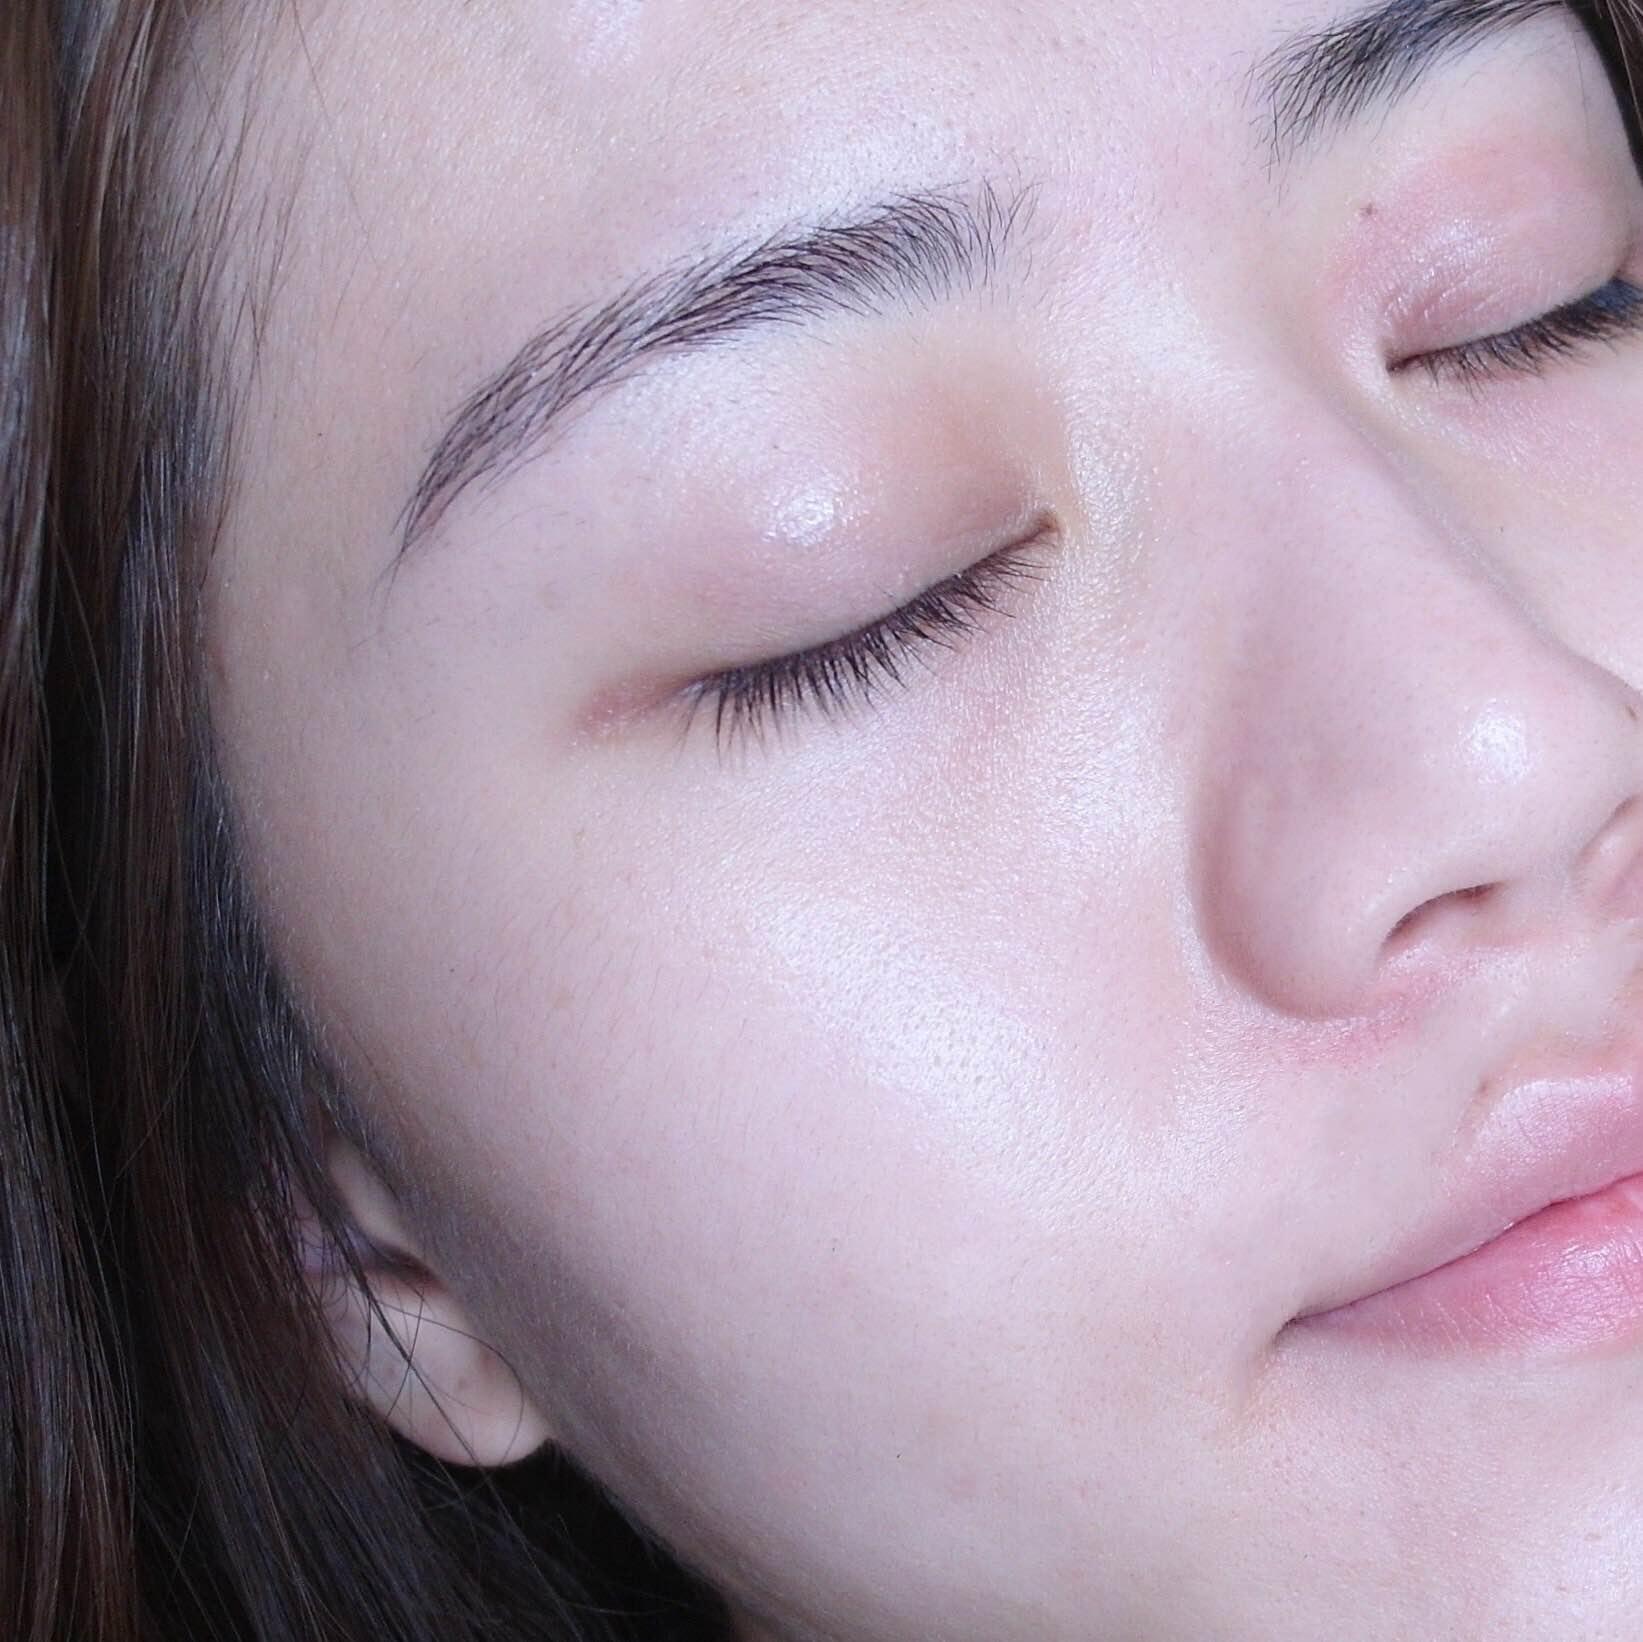 上完妝前保養後,肌膚會呈現飽水的狀態,會有自然的光澤。在上每一樣妝前保養時,在使用下個產品前,都要等前一個產品吸收後才能上下一個喔!